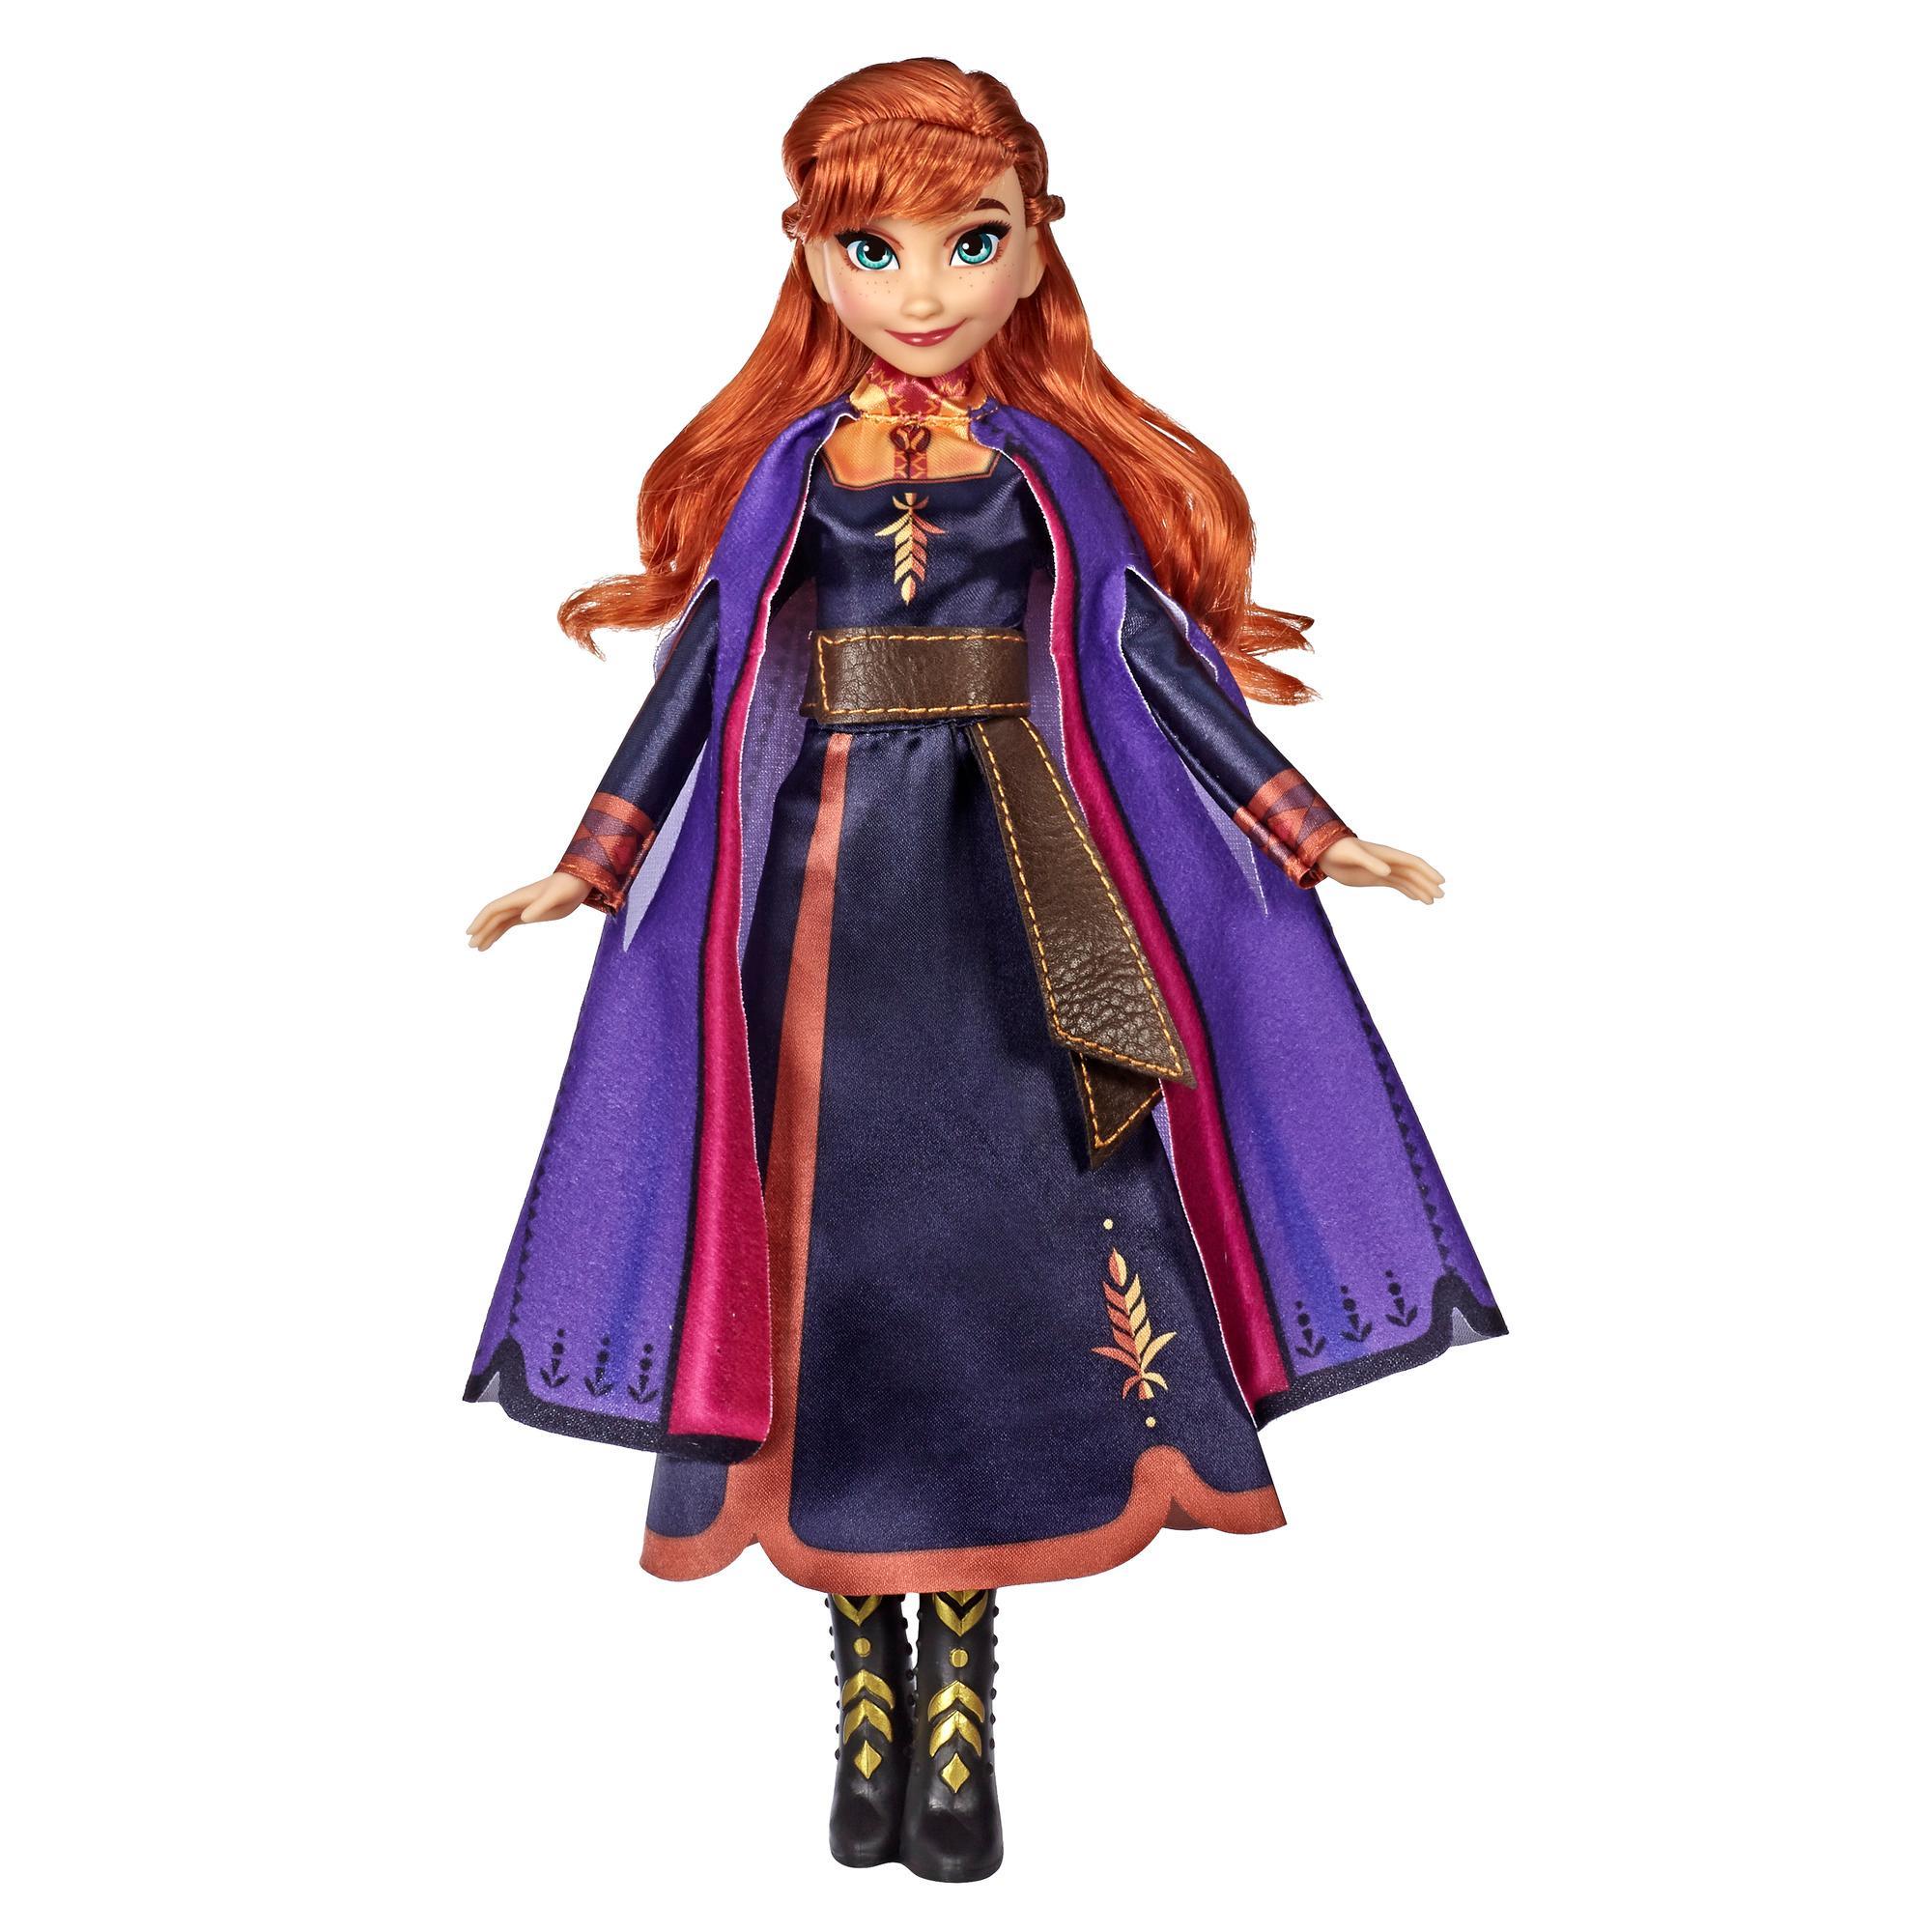 Disney Frozen Singing Anna — Boneca musical com vestido roxo inspirada no filme Frozen 2 da Disney. Idade: a partir dos 3 anos